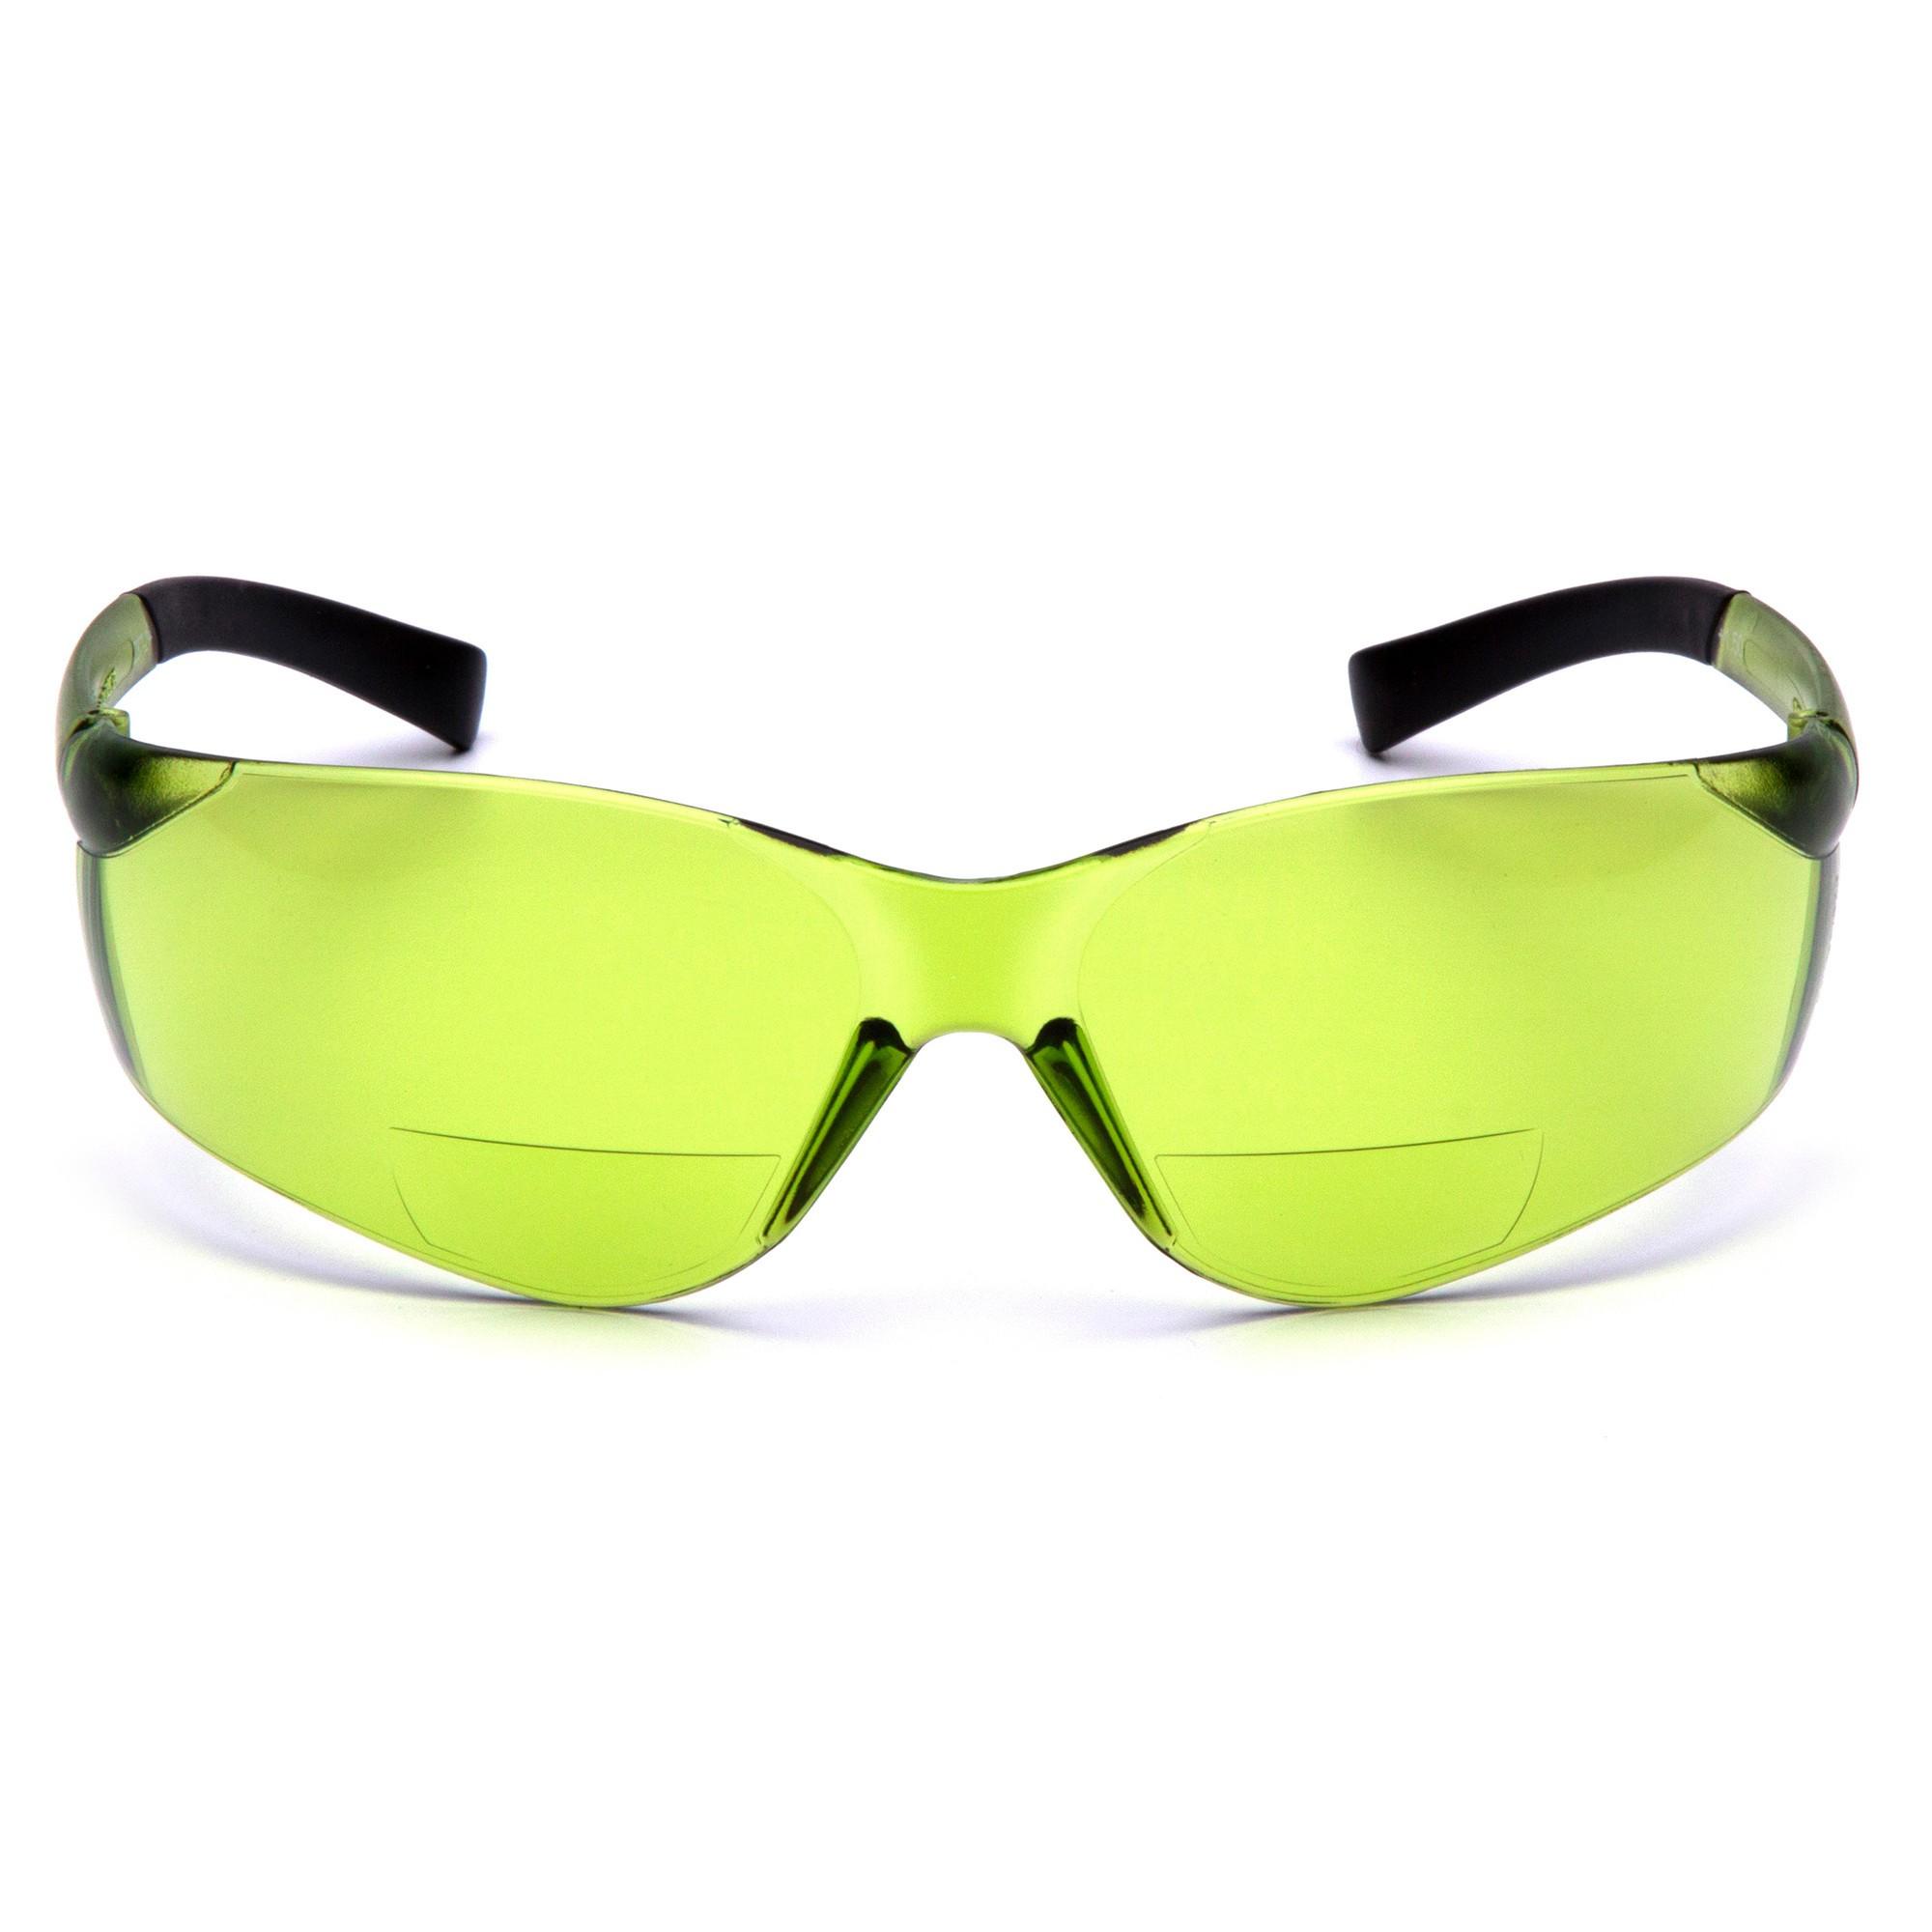 ztek readers safety glasses made